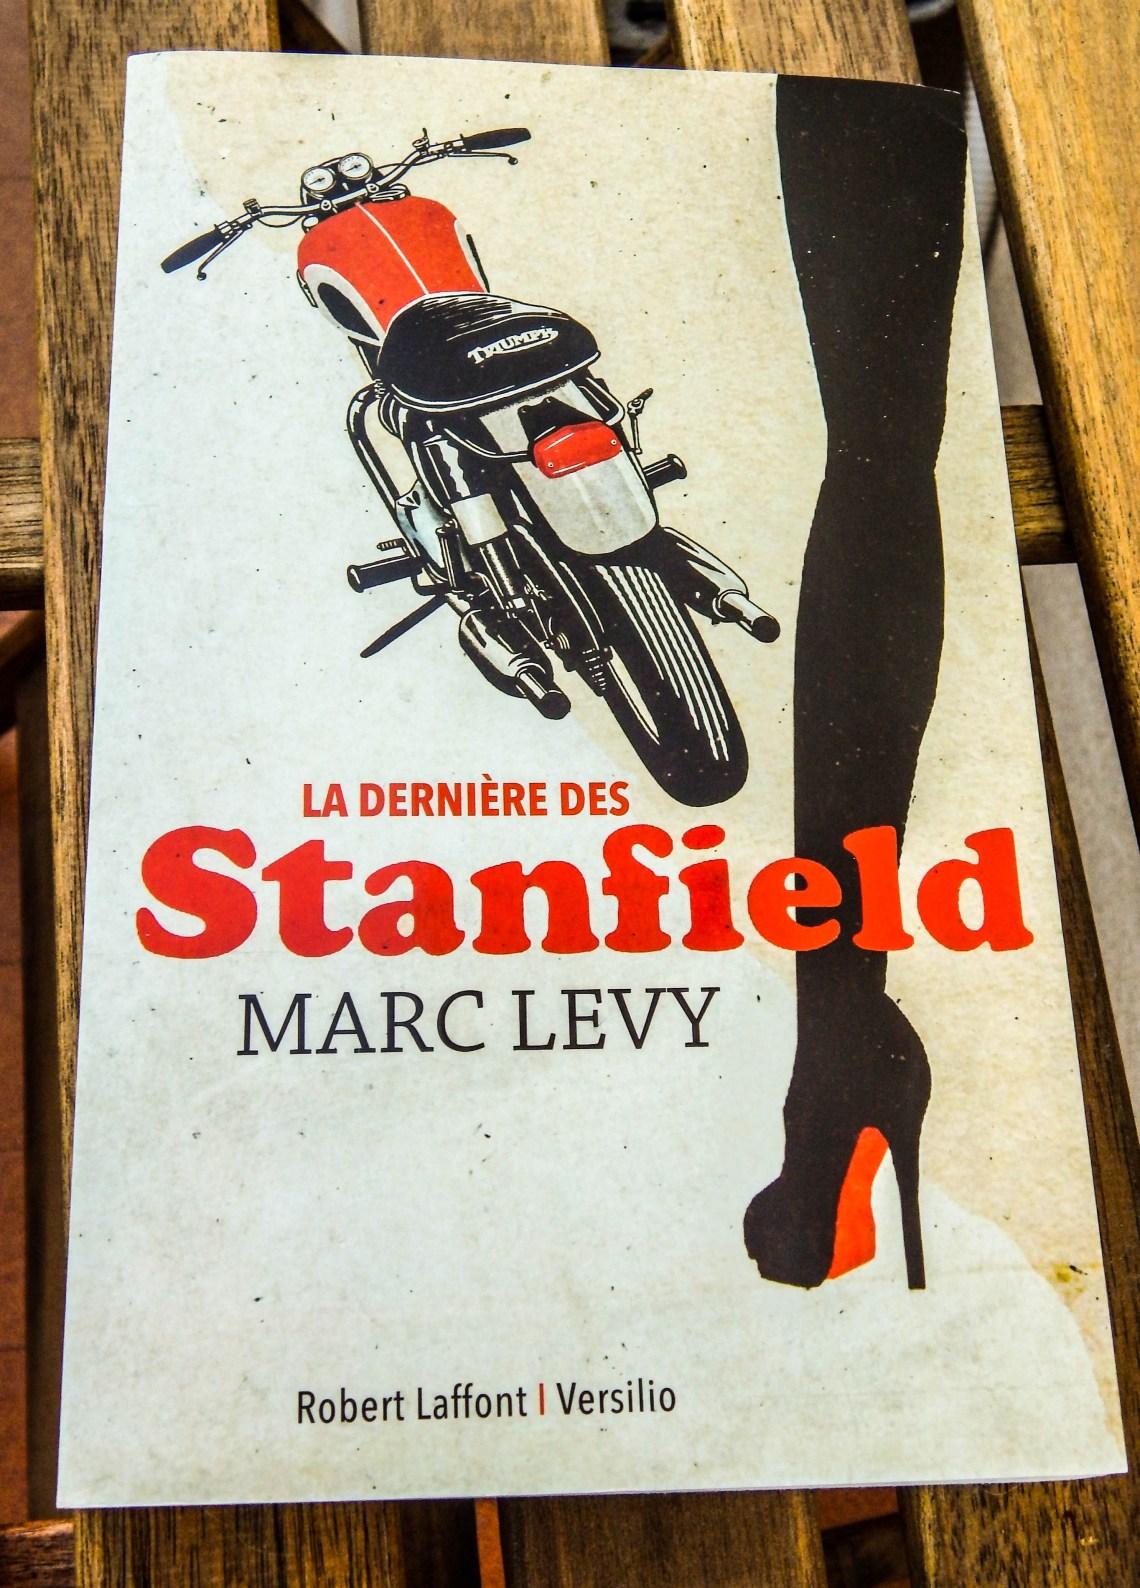 DSCN2900 - La dernière des Stanfield - Marc Levy